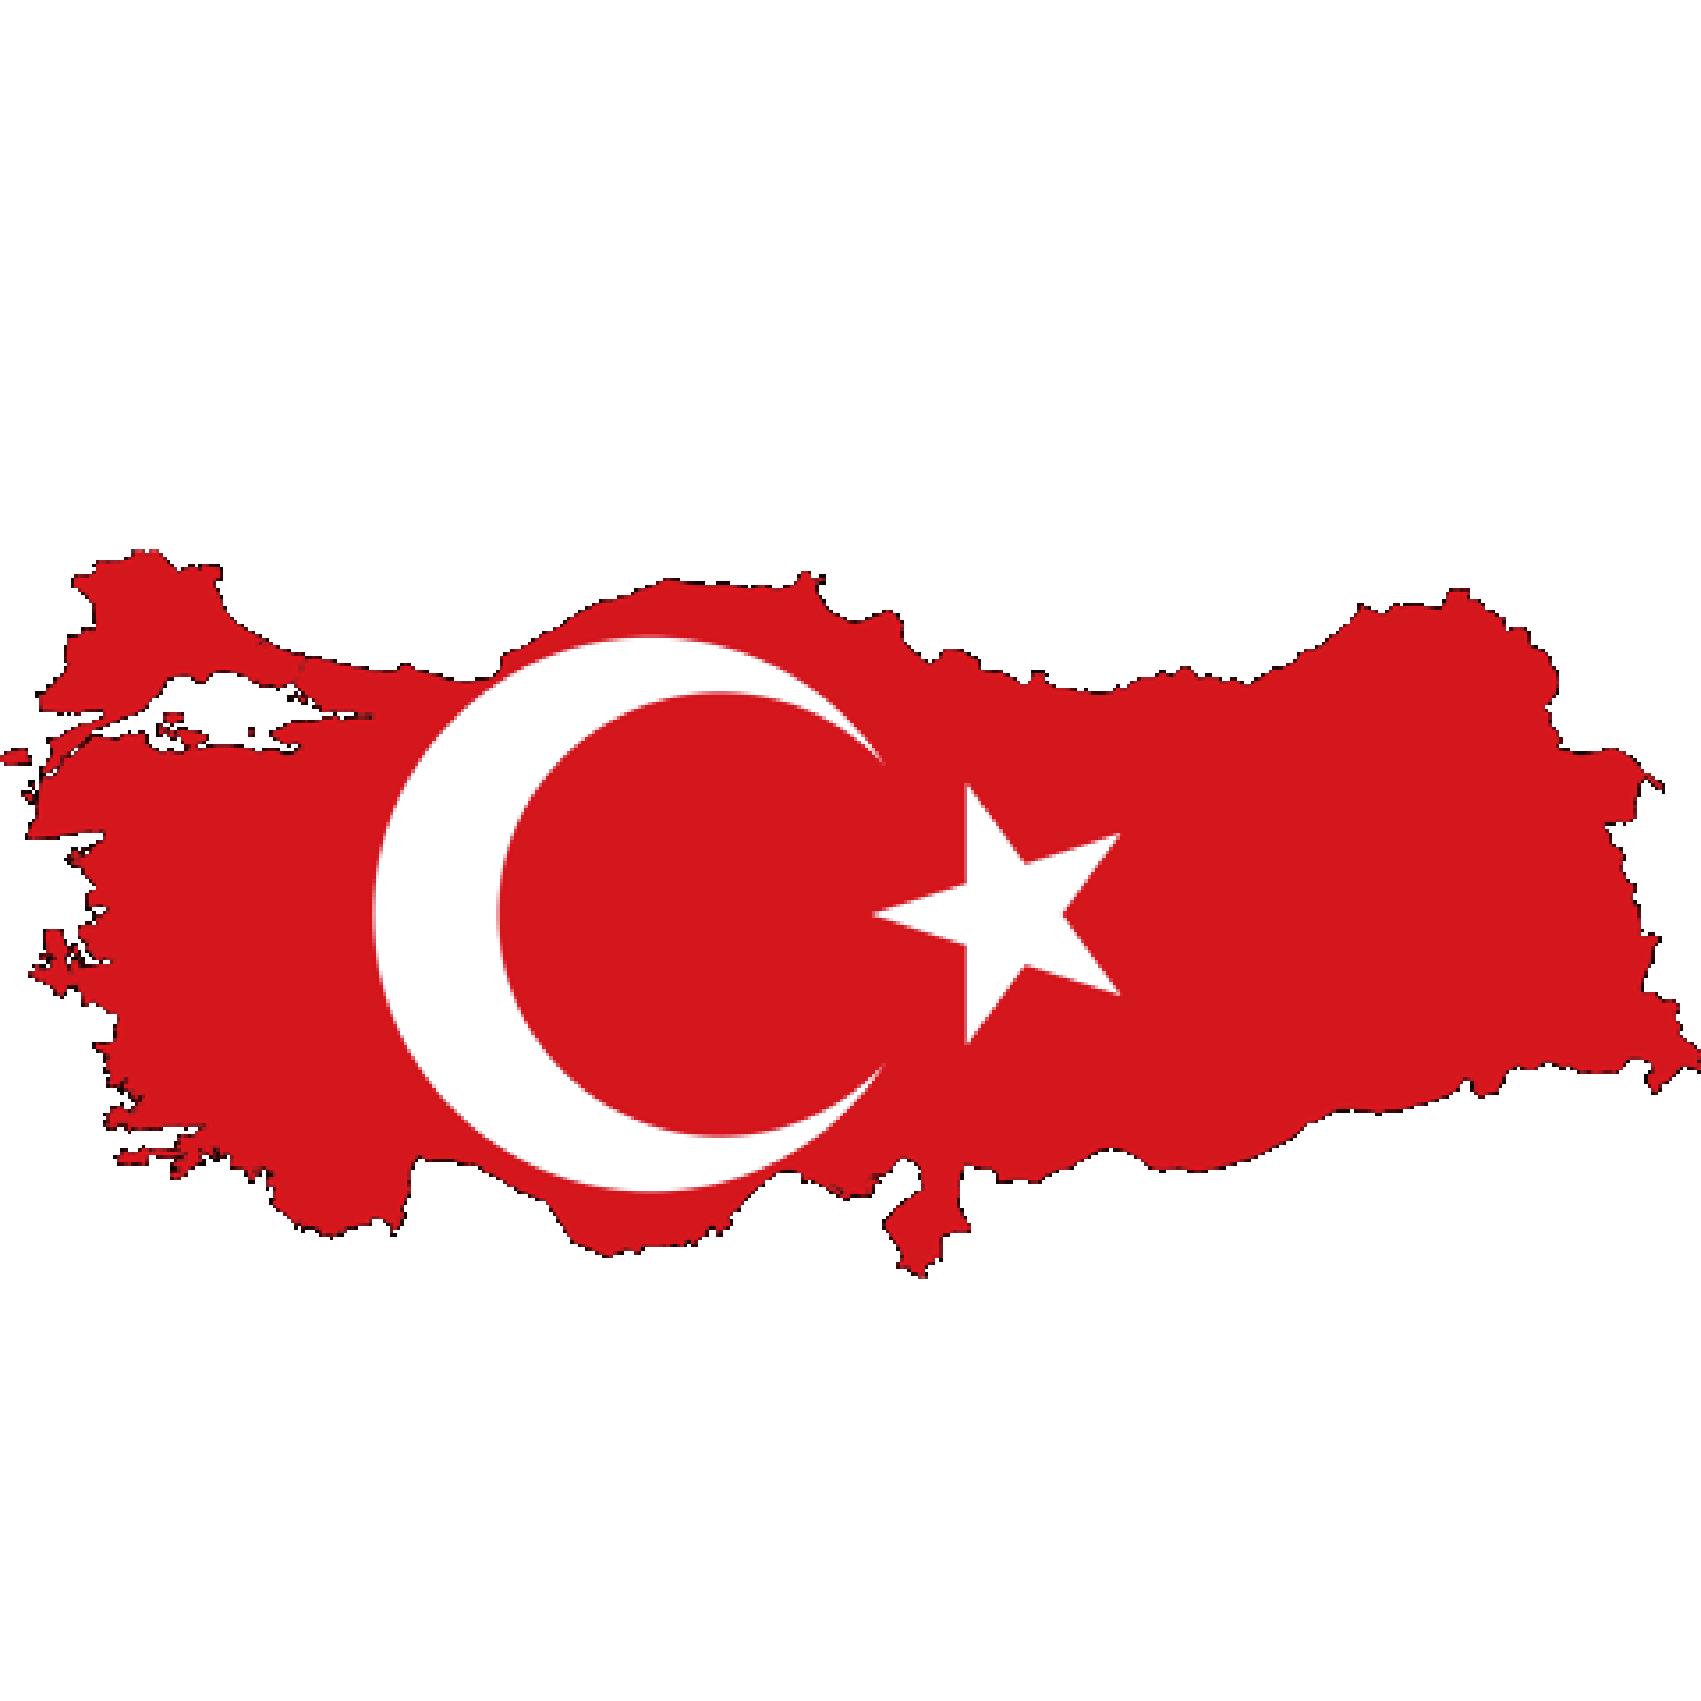 Flag of Turkey, the partner of barskorea.